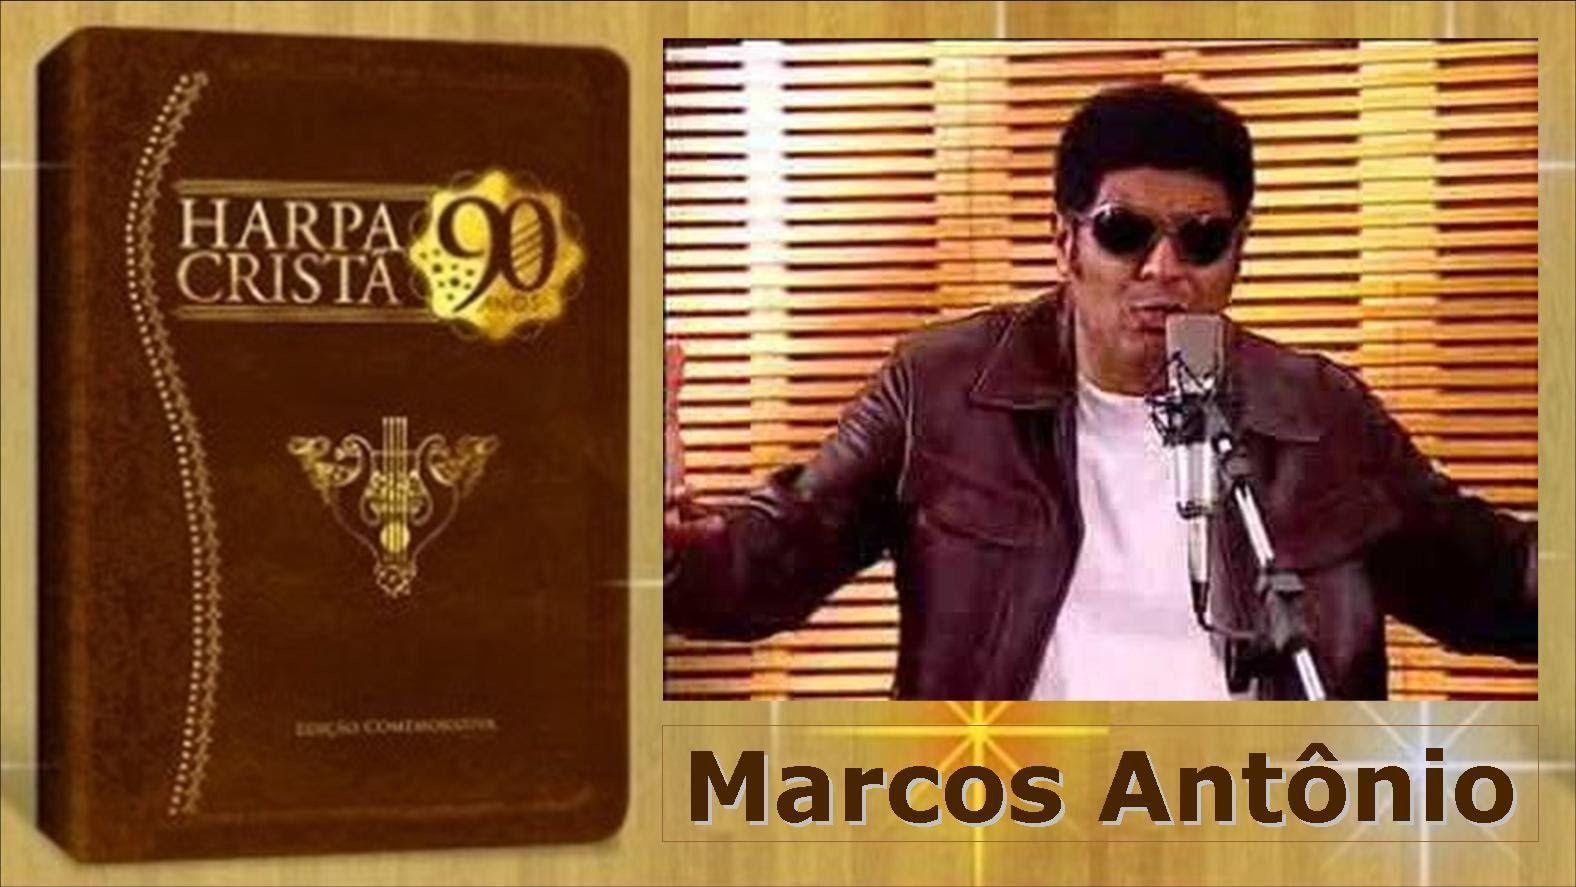 Marcos Antonio Harpa Crista Biblia Php Mysql 40 Idiomas